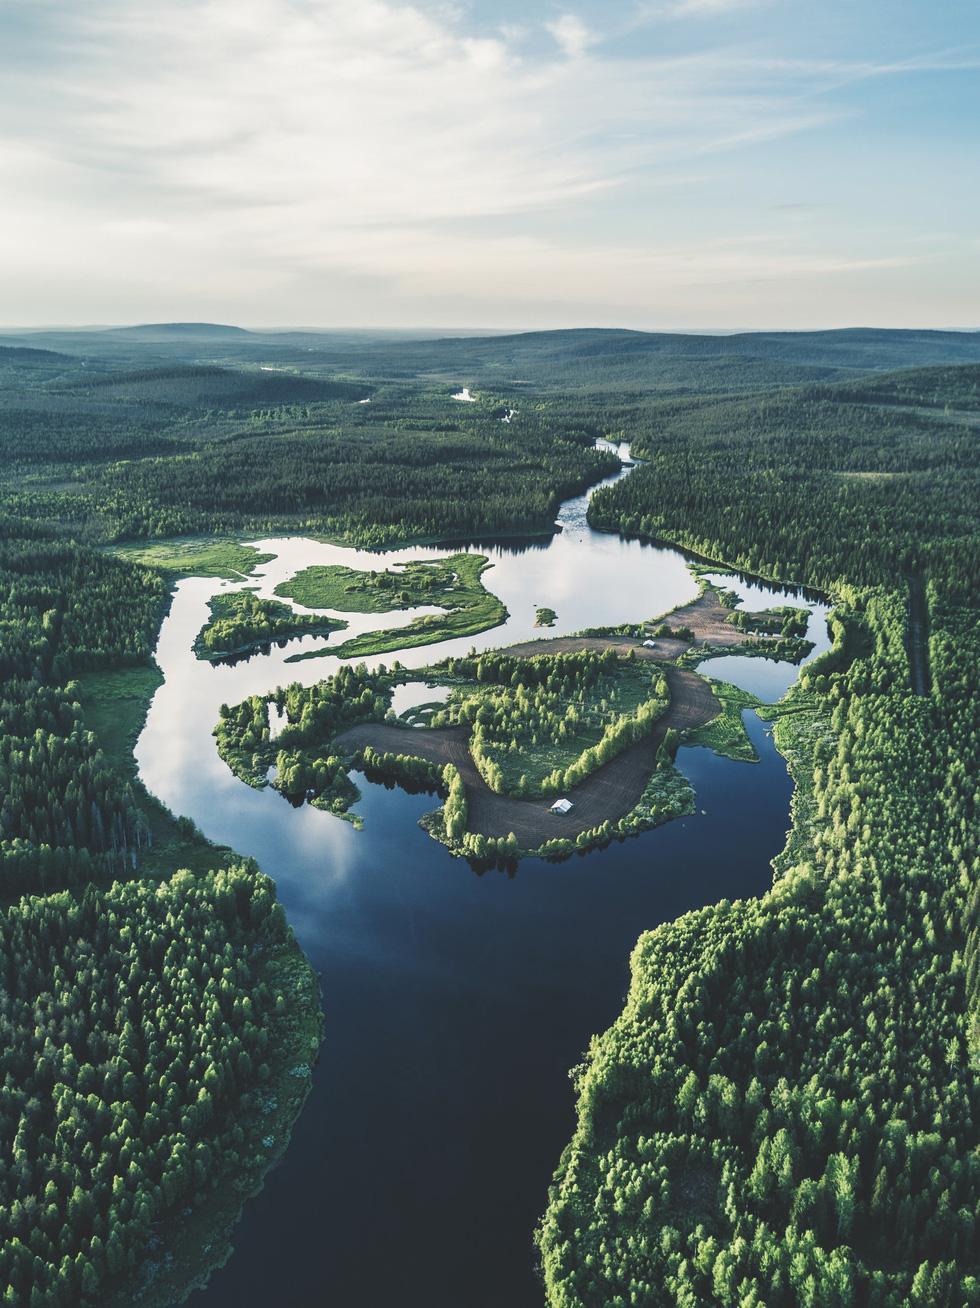 Đảo 'bốn mùa' Phần Lan đẹp mê hồn nhìn từ trên cao - Ảnh 7.